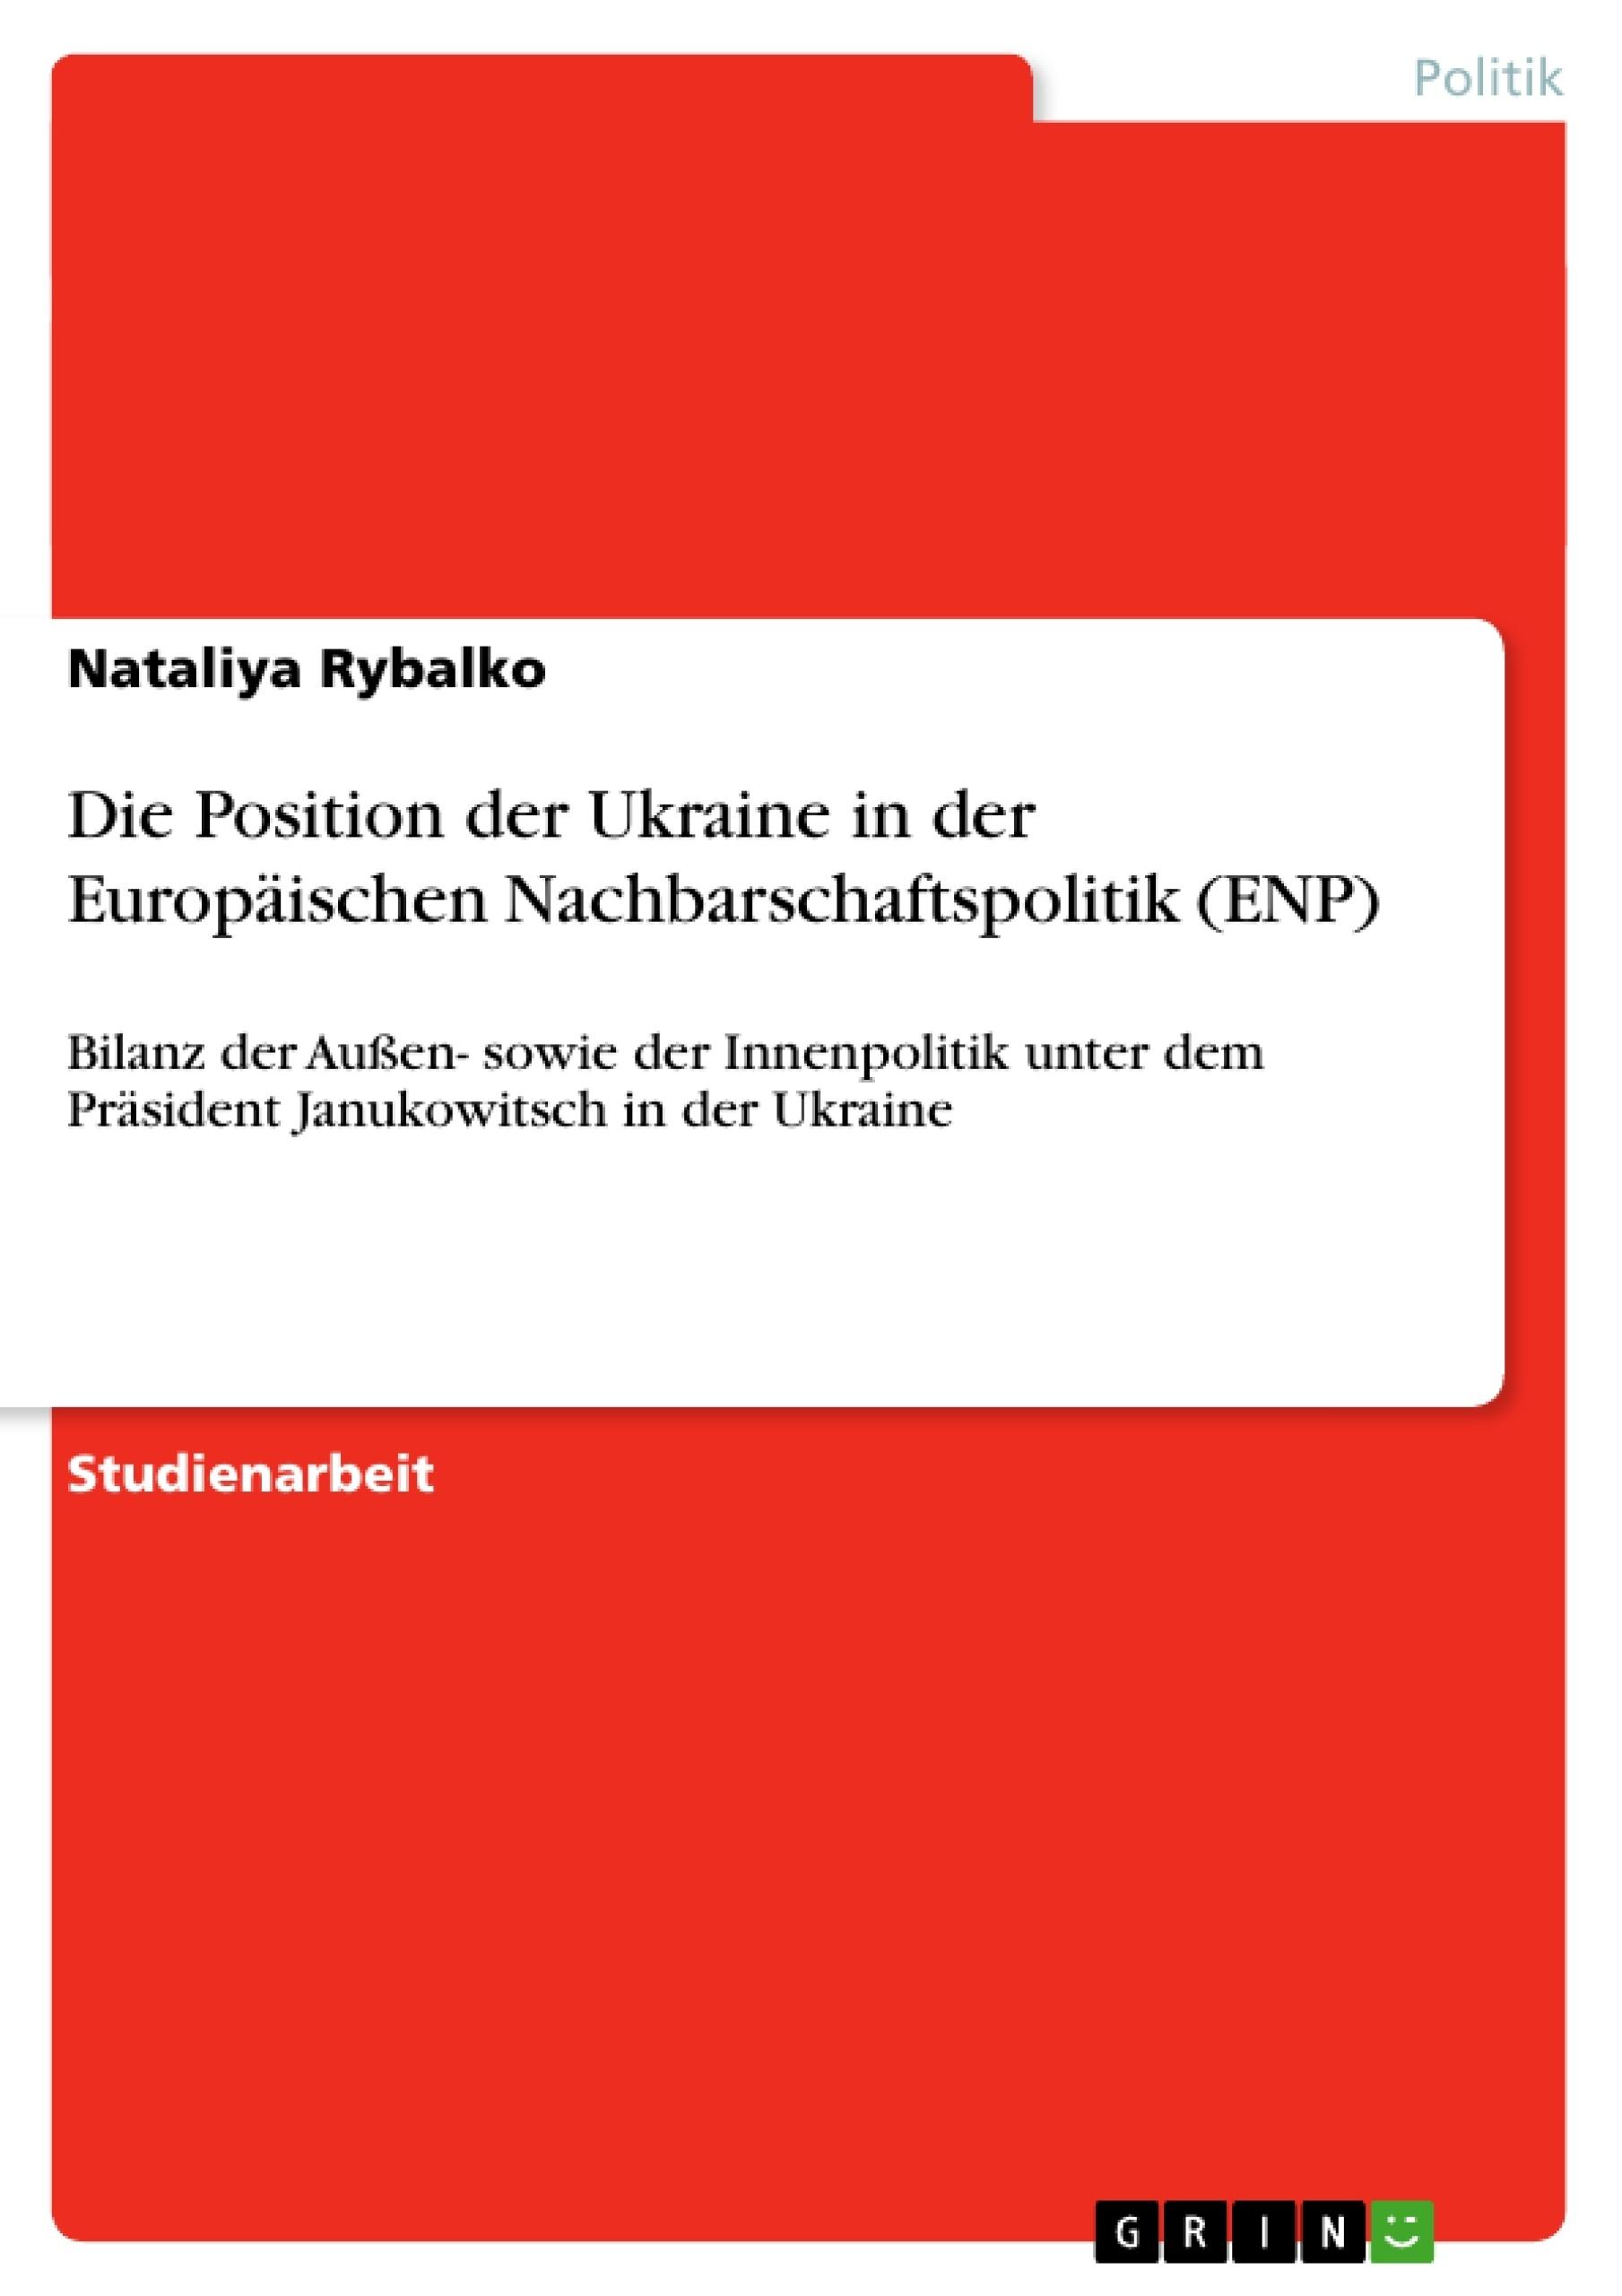 Titel: Die Position der Ukraine in der Europäischen Nachbarschaftspolitik (ENP)